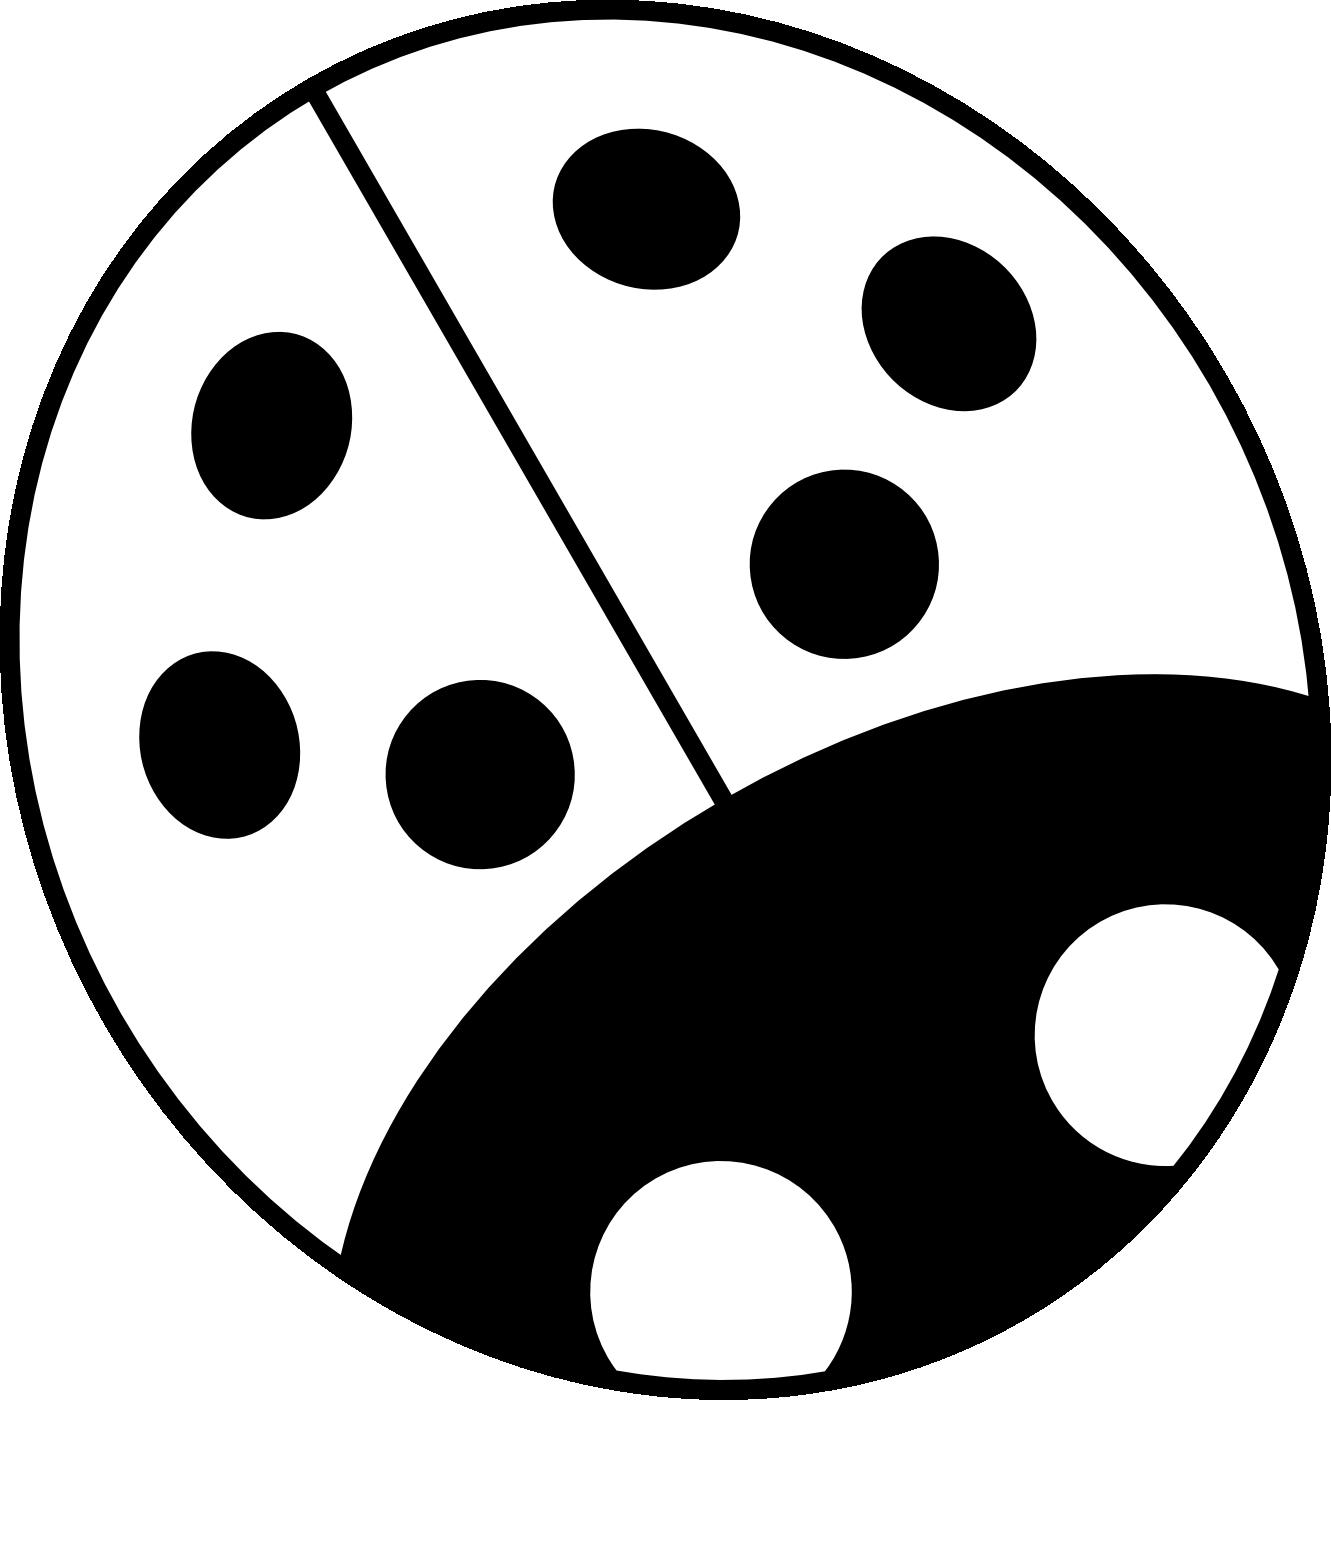 Ladybug Outline Ladybug Black And White Clipart 2 Black And White Books Clip Art Ladybug